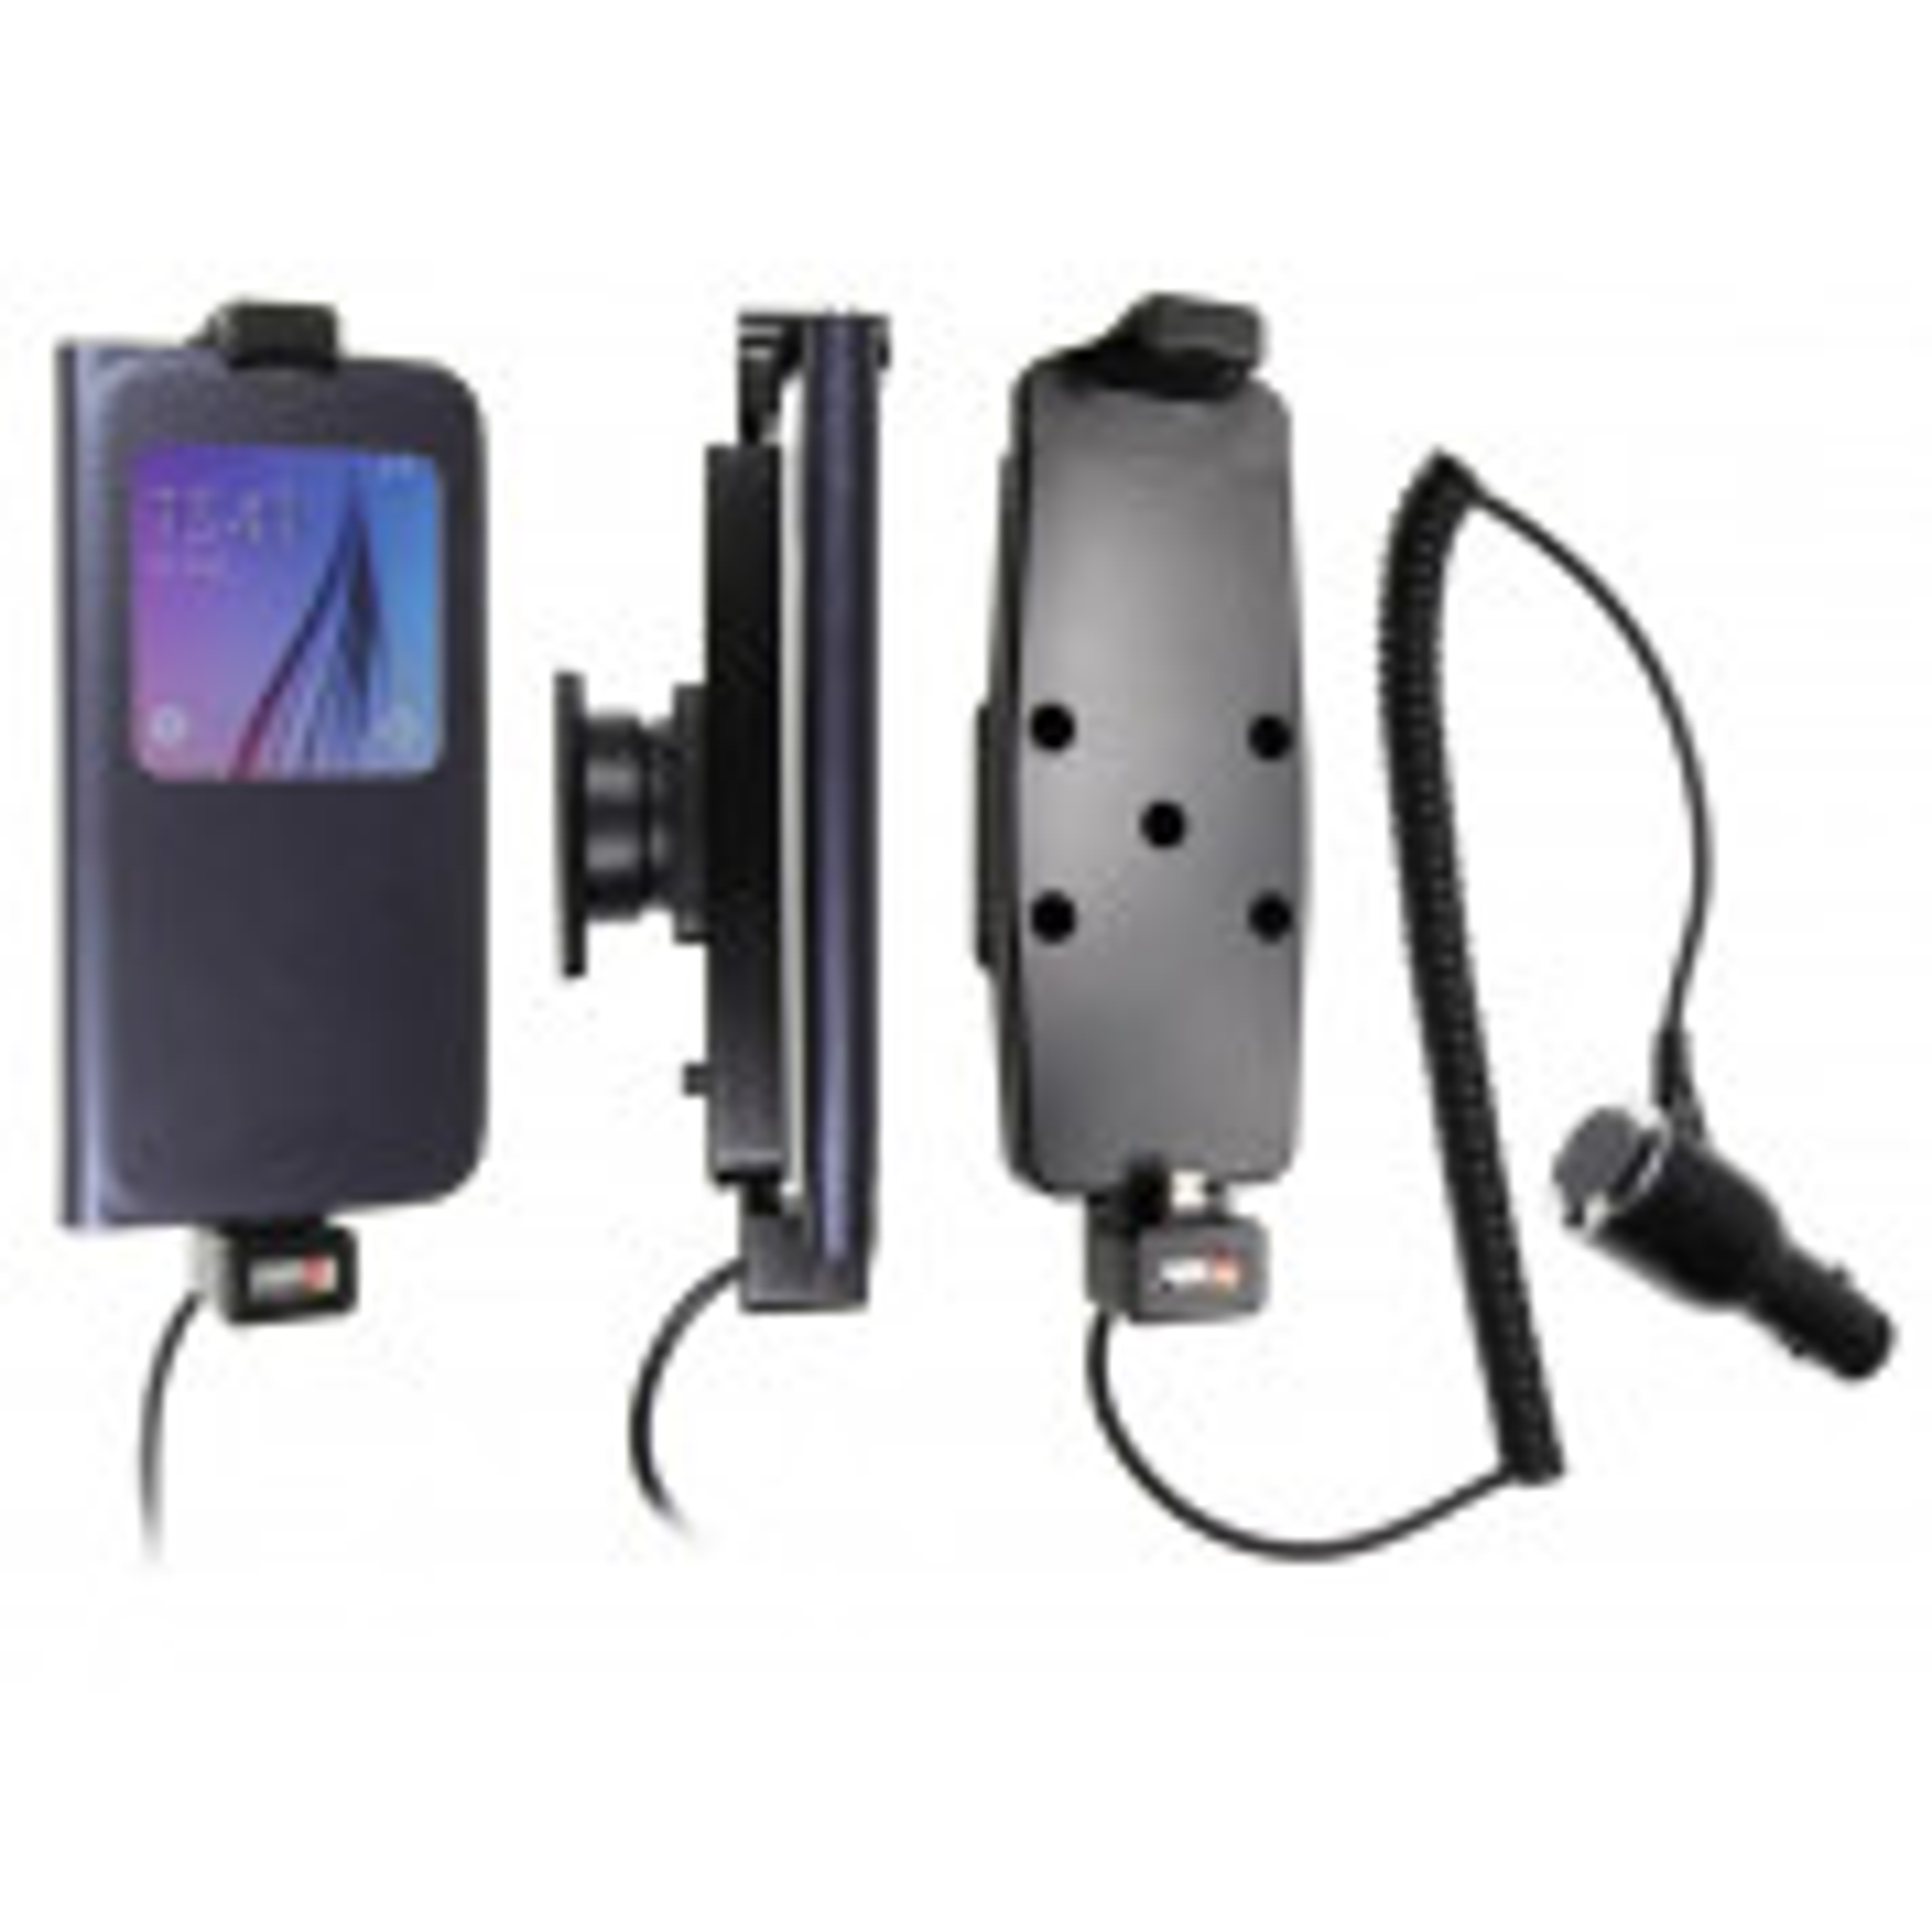 Brodit Aktiv Mobilholder til Samsung Galaxy S6, S6 Edge og S7 med beskyttelsescovers - 512724